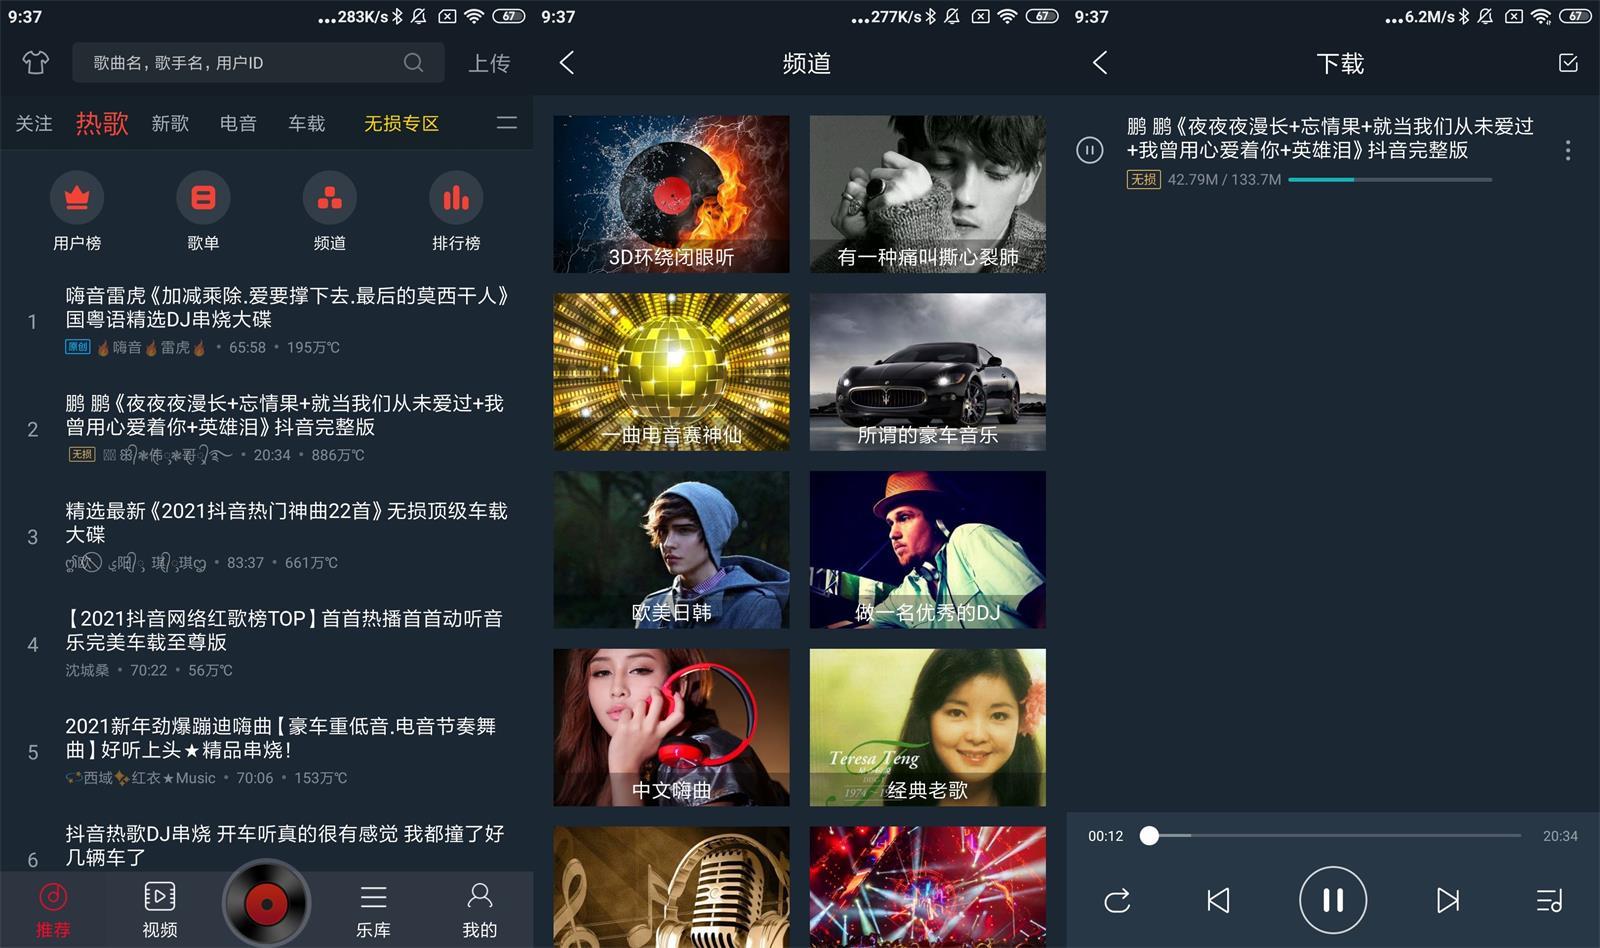 安卓DJ多多v4.8.10绿化版-云奇网